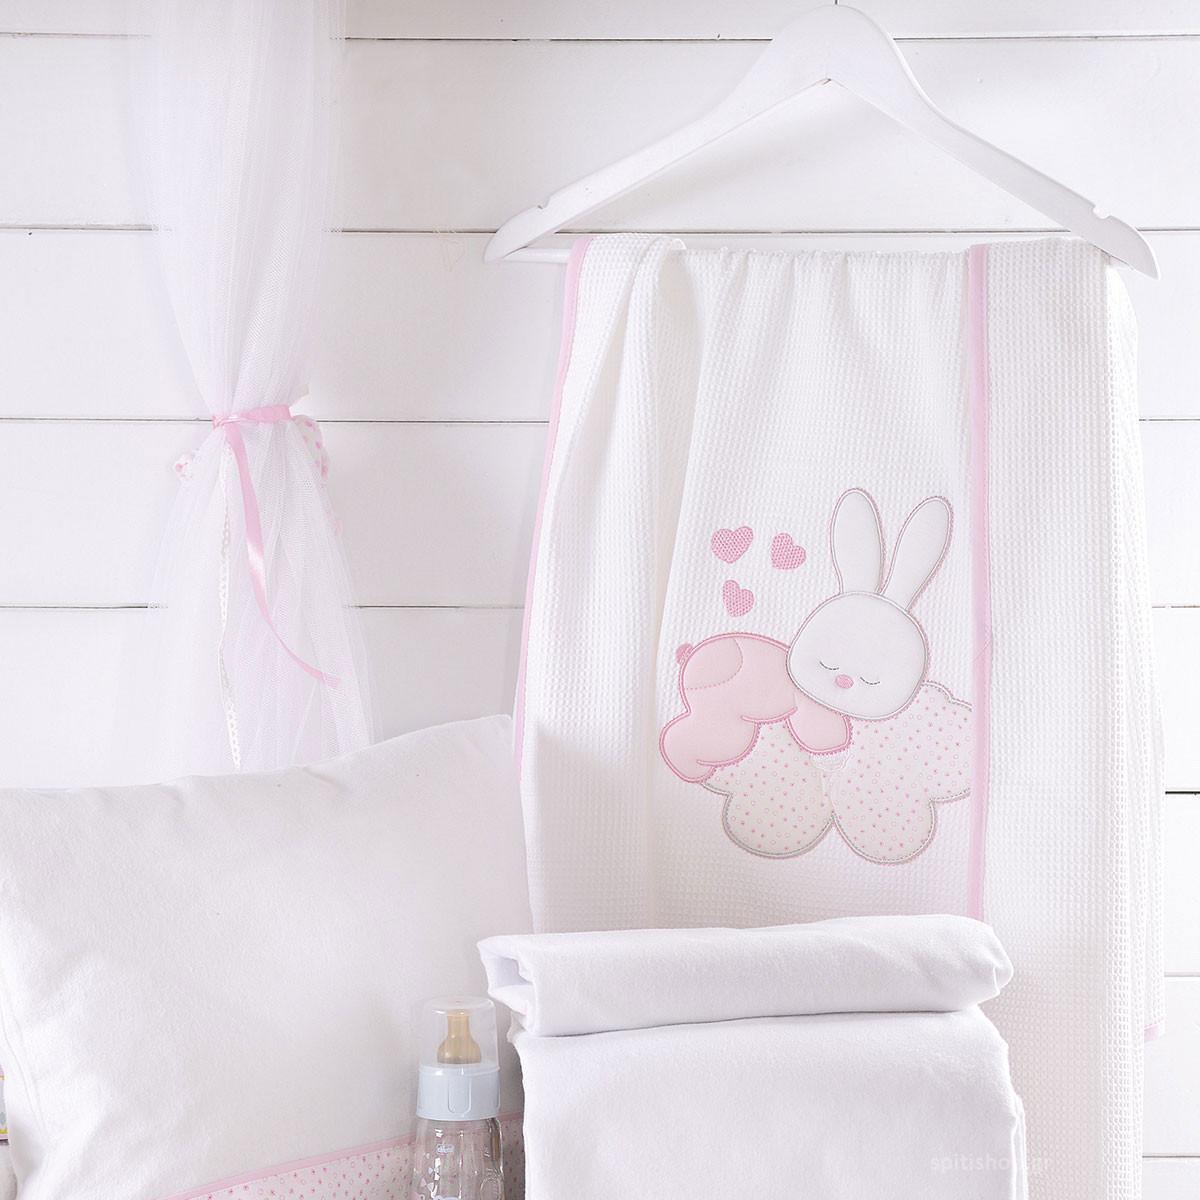 Κουβέρτα Πικέ Κούνιας Rythmos Cloud Pink home   βρεφικά   κουβέρτες βρεφικές   κουβέρτες καλοκαιρινές